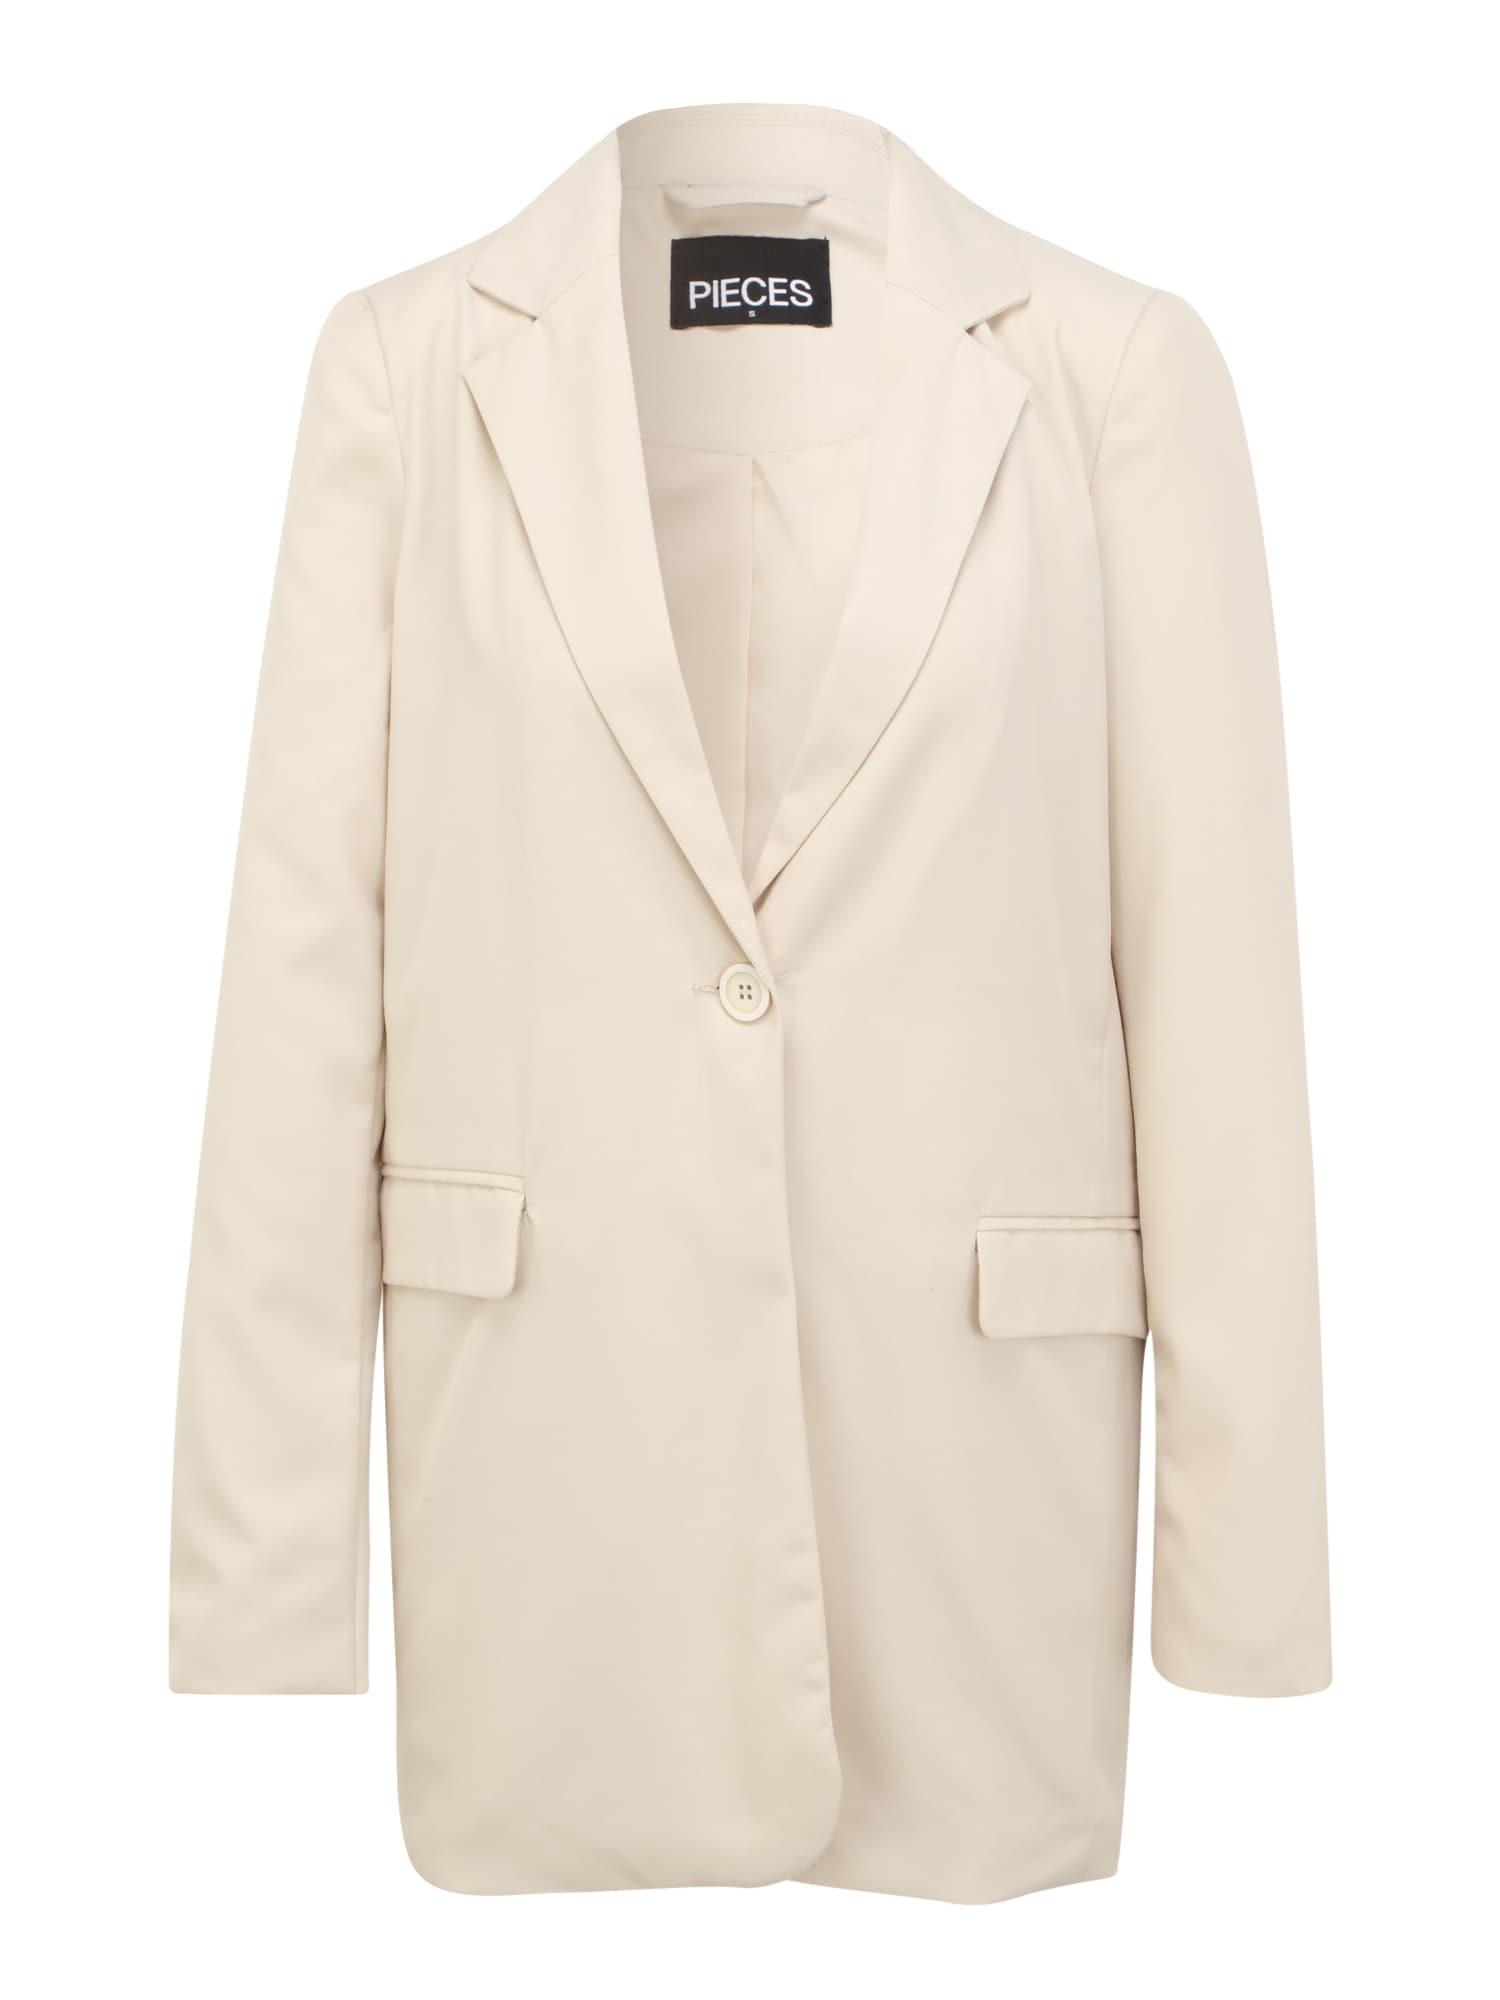 pieces tall blazer beige